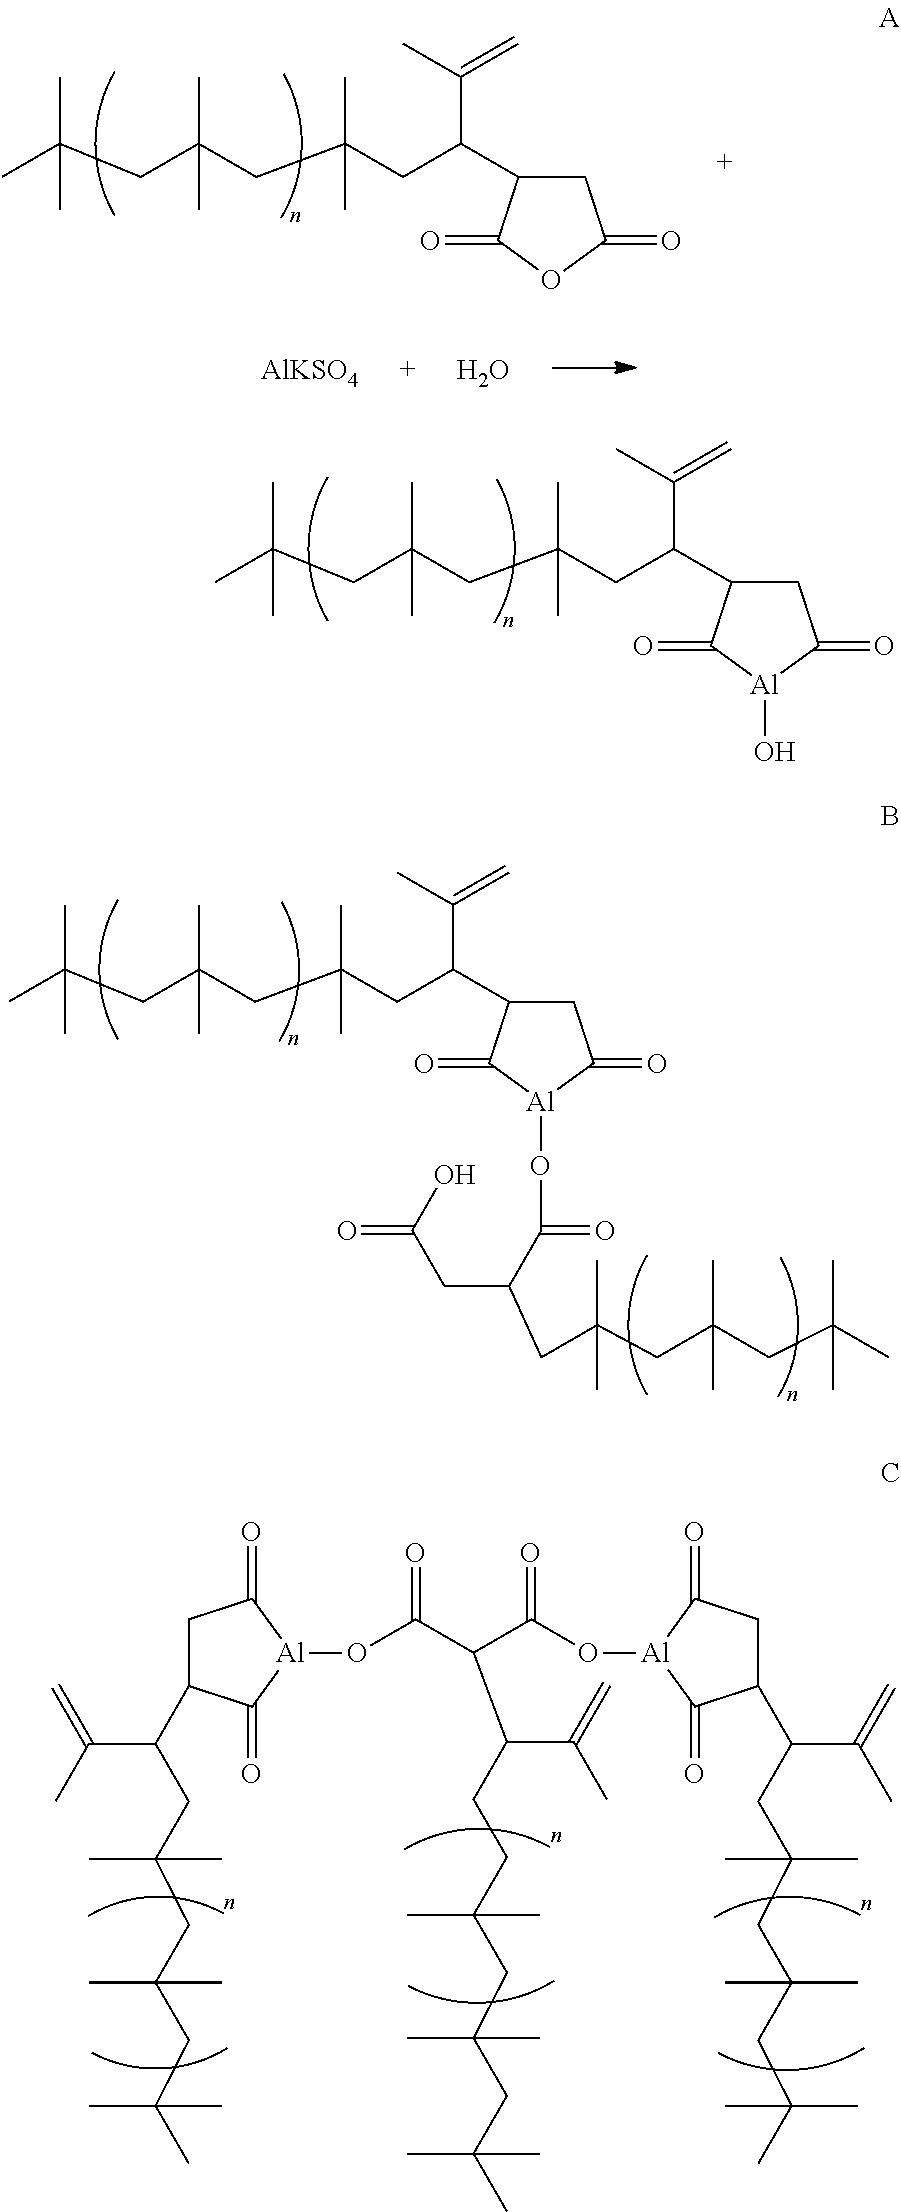 Figure US20110098378A1-20110428-C00004